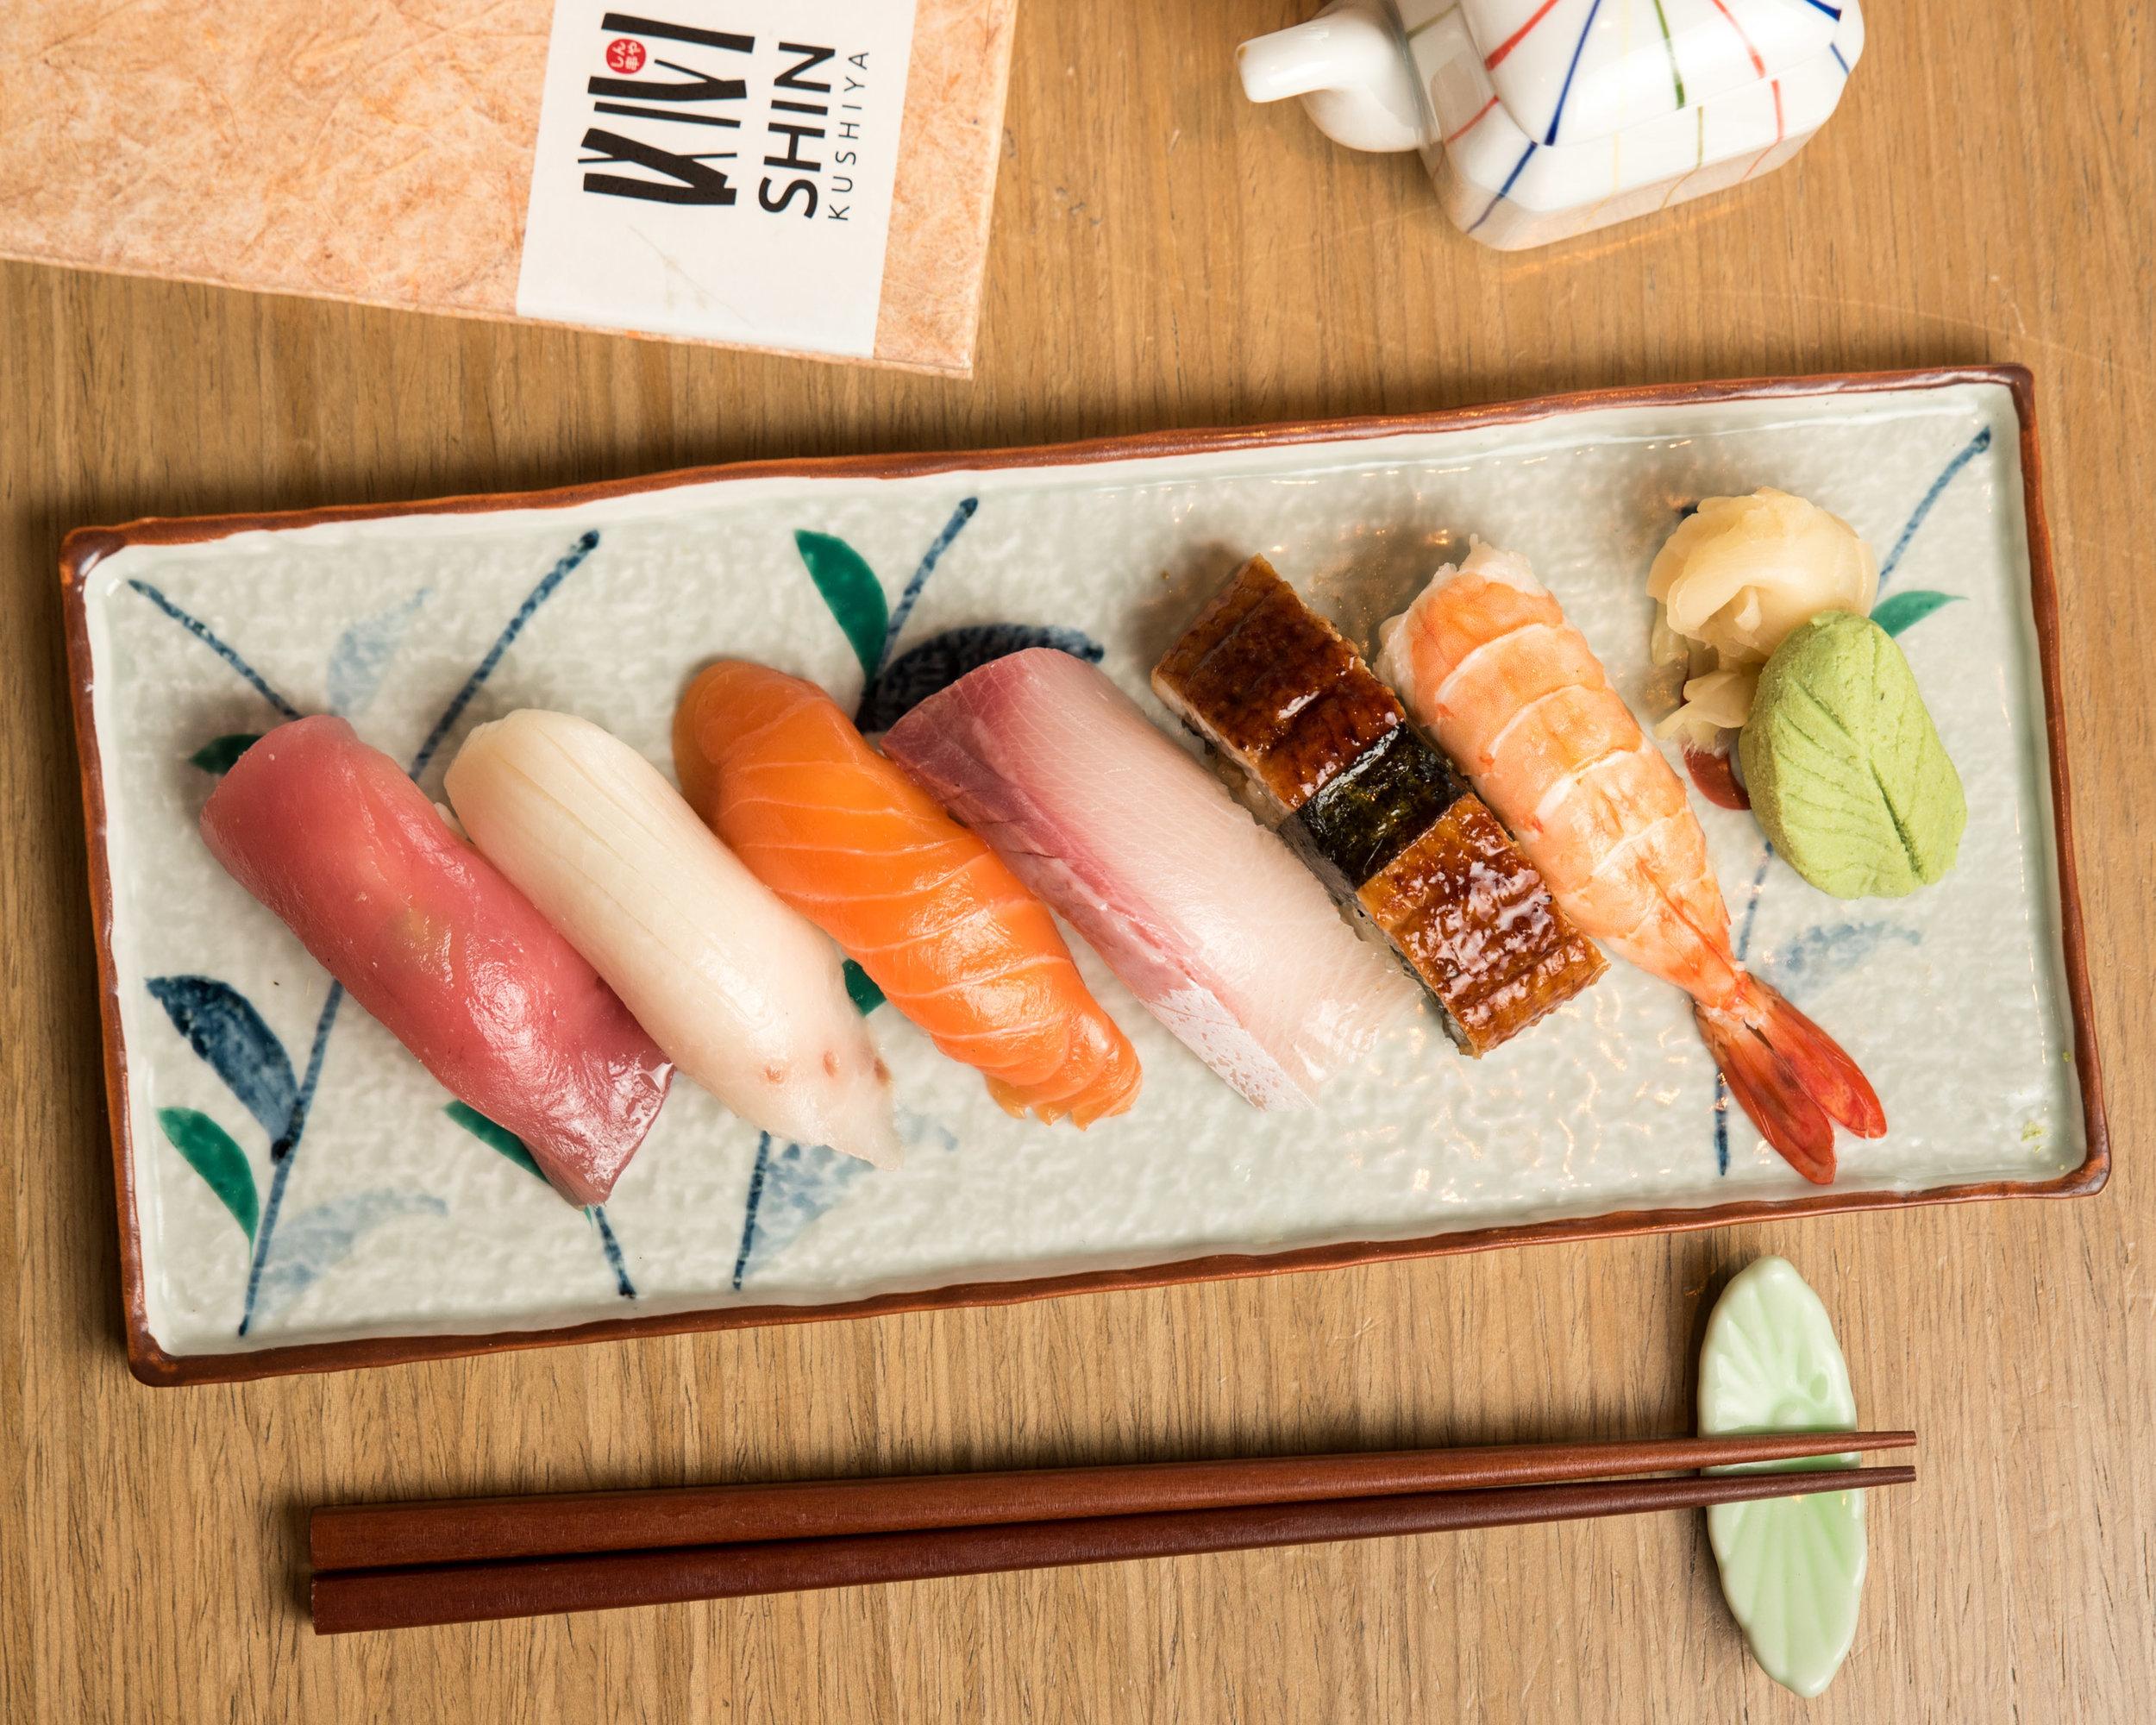 Shin Kushiya_Sushi Favourites_2880x2304.jpg